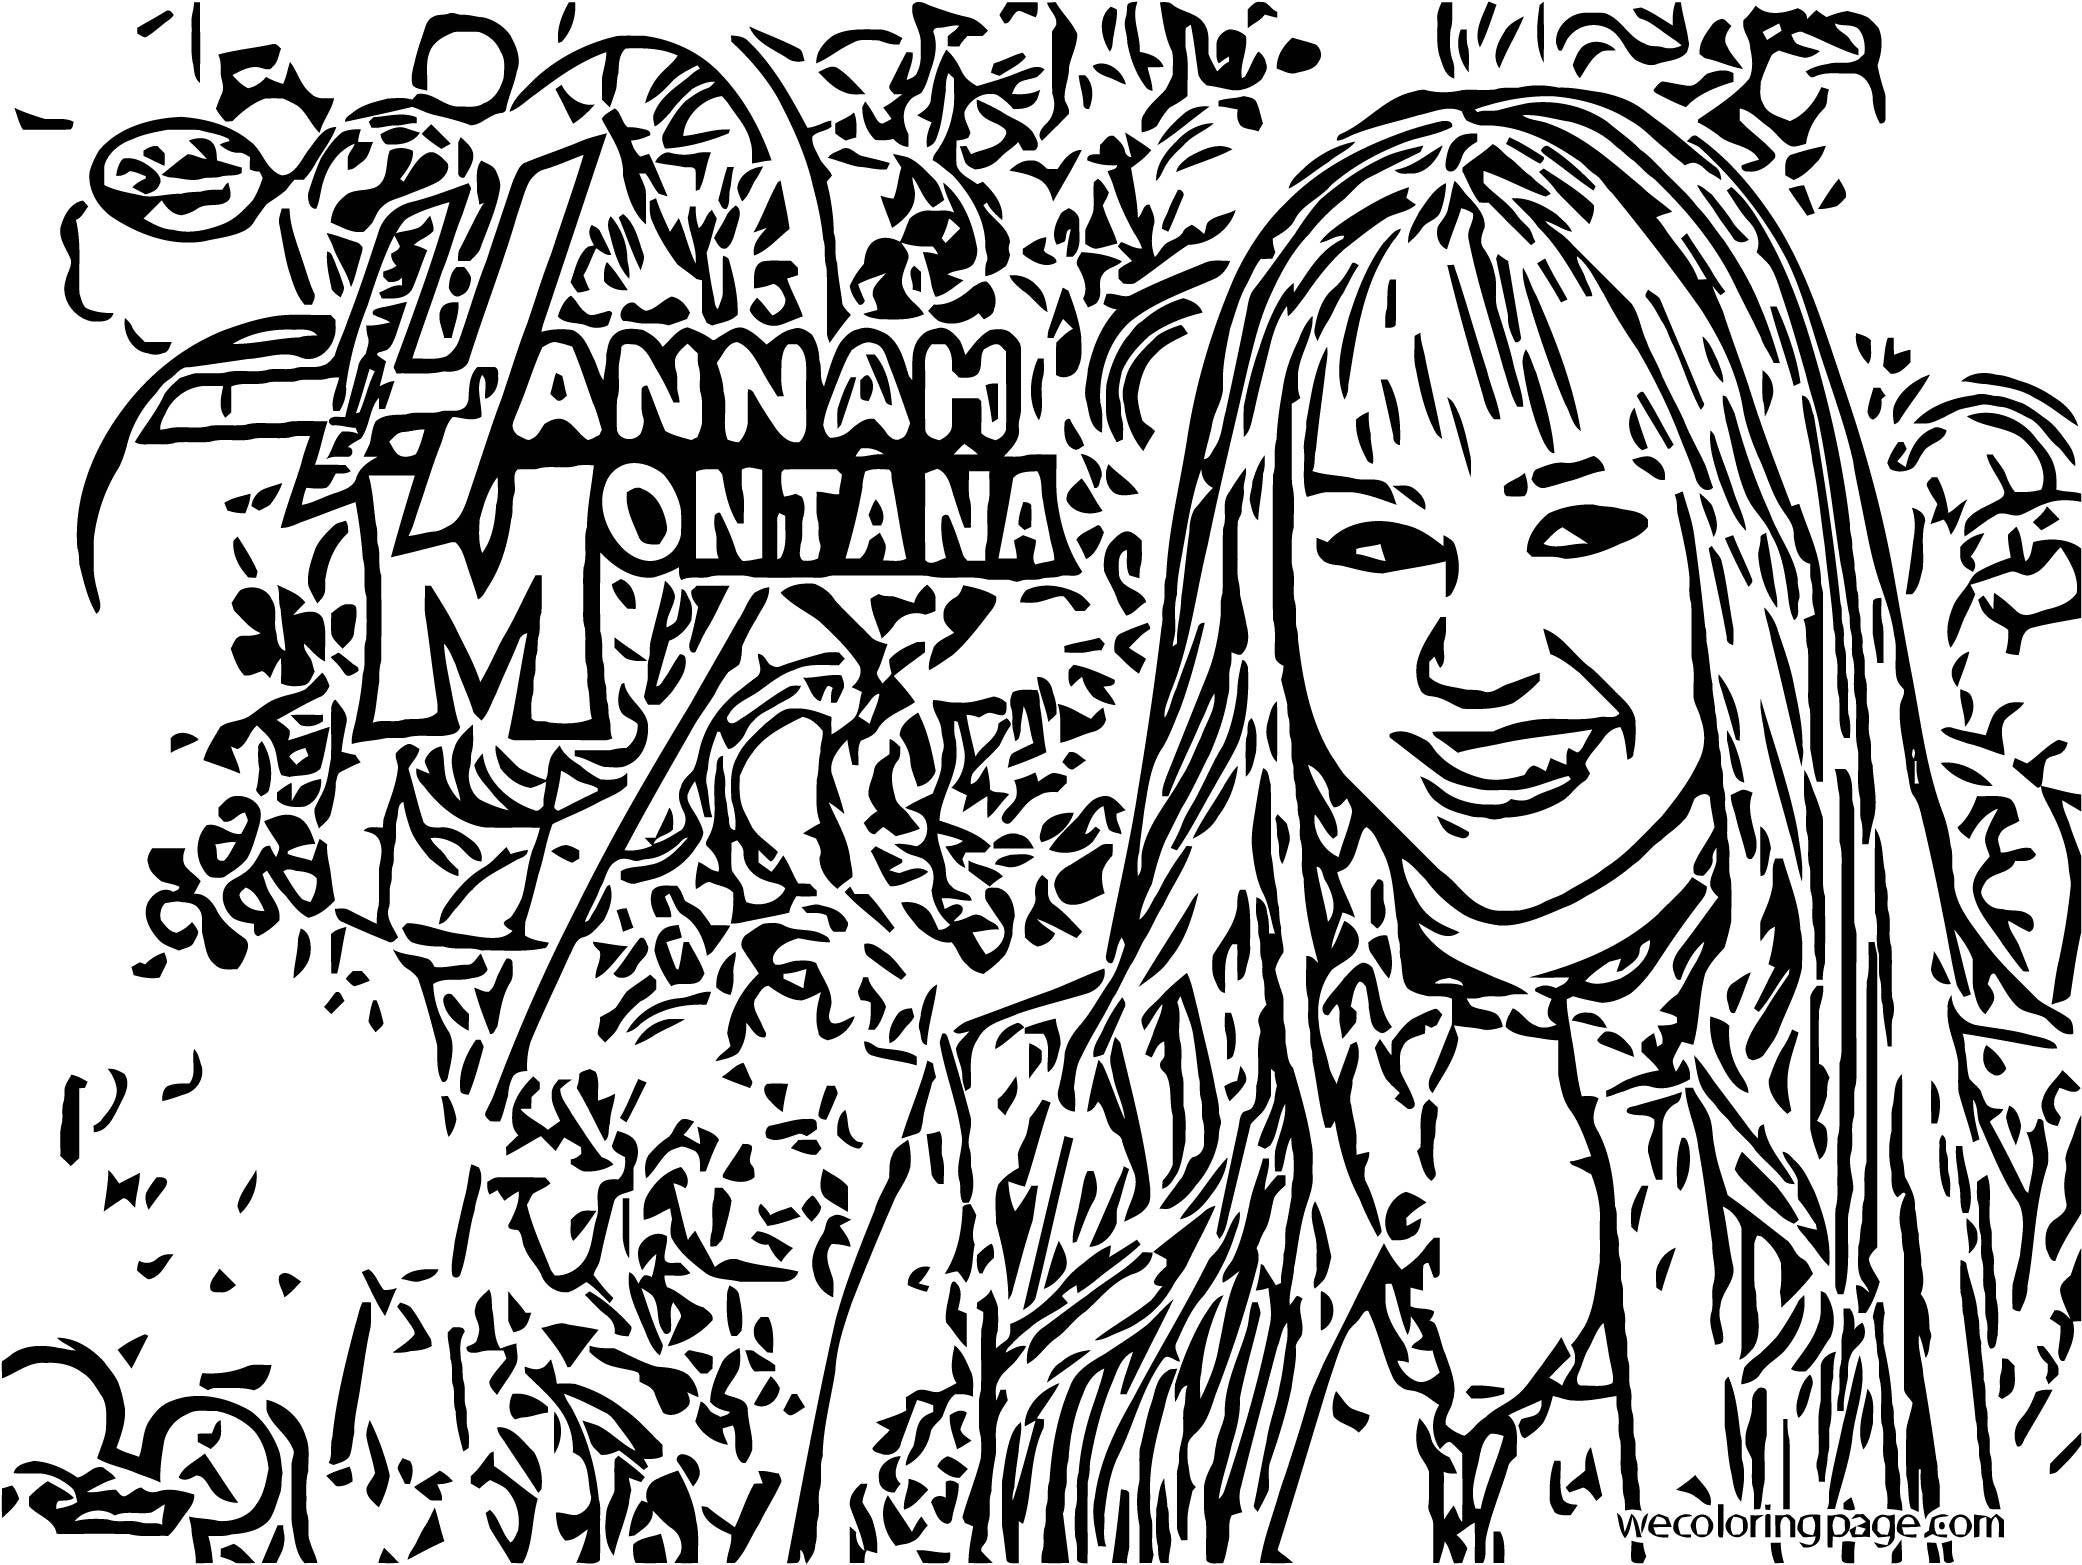 Hannah Montana Coloring Page 08